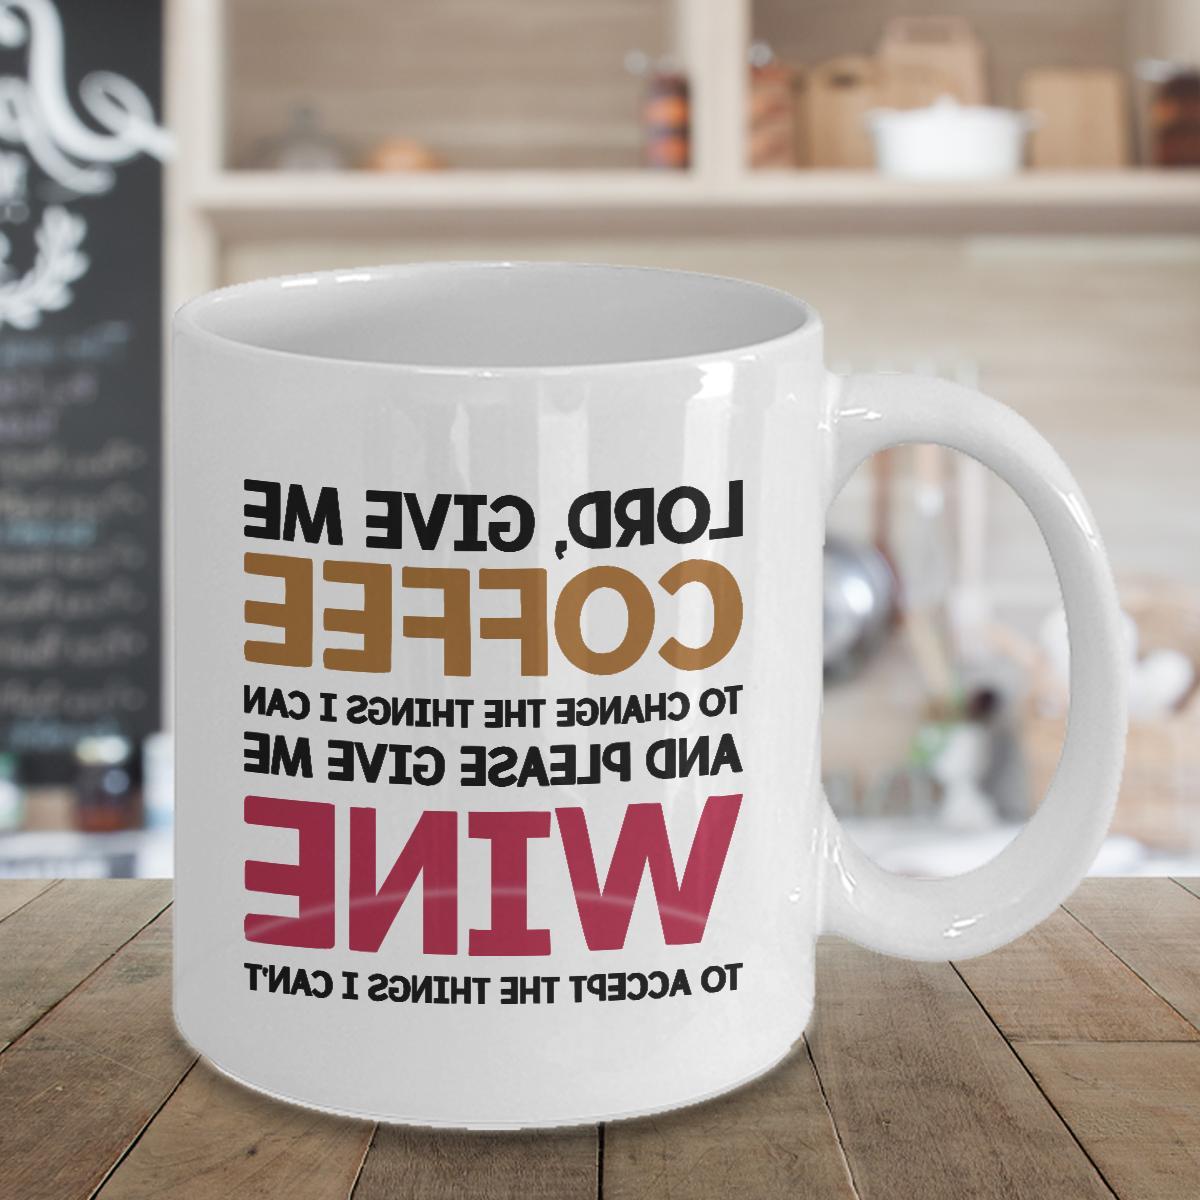 Lord Give Me Coffee Mug Cup Funny Christmas Birthday Novelty